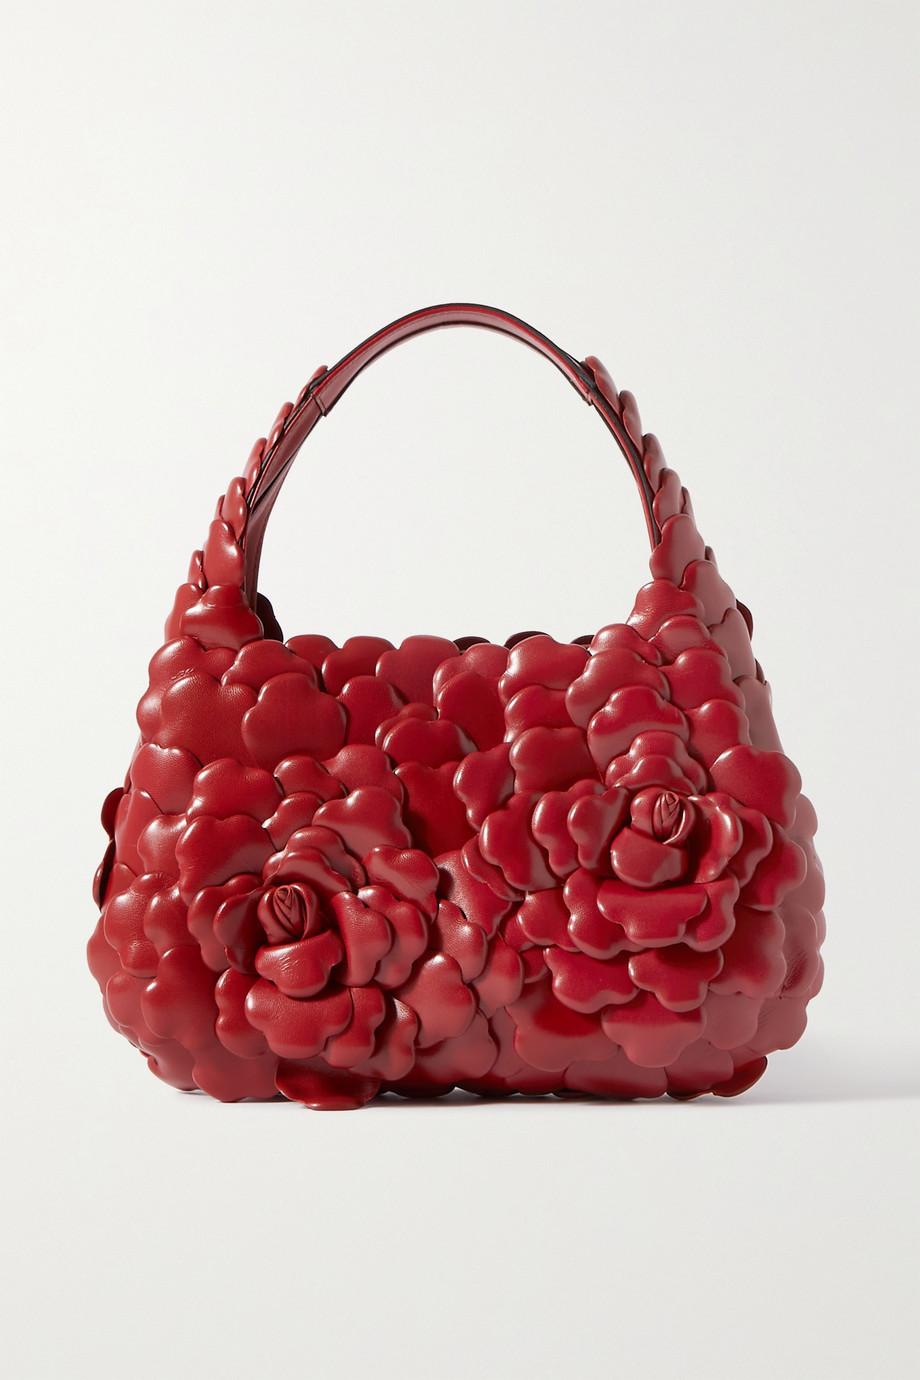 Valentino Valentino Garavani 03 Rose Edition Atelier small leather tote